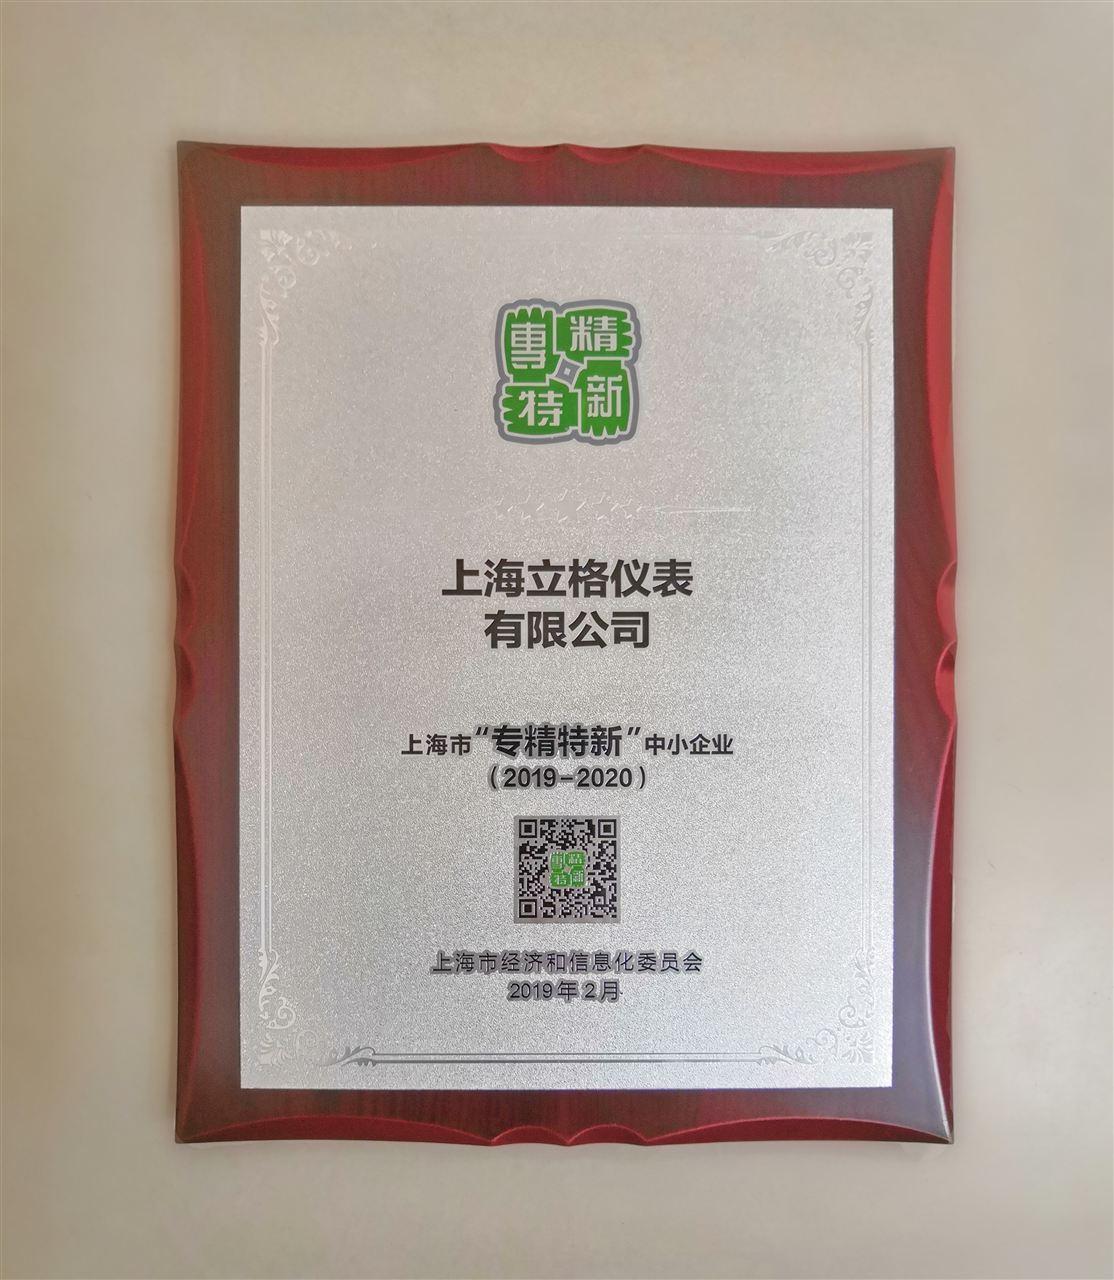 """立格仪表被认定为2019—2020年度上海市""""专精特新""""企业"""